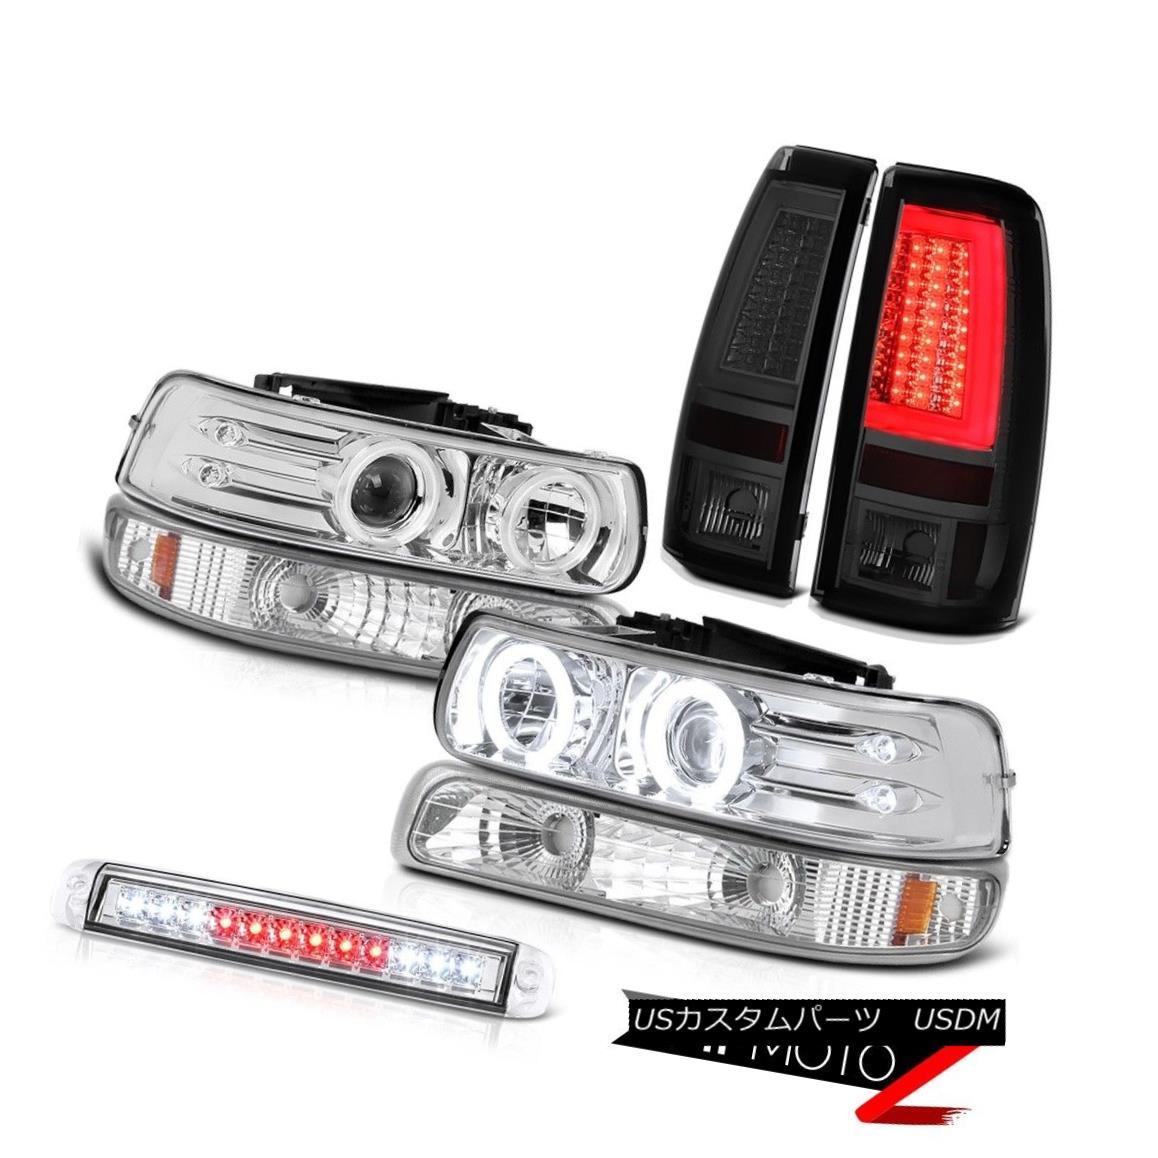 テールライト 99-02 Chevy Silverado Taillights 3rd Brake Light Signal Headlamps OLED Prism LED 99-02 Chevy Silveradoテールライト第3ブレーキ信号ヘッドランプOLED Prism LED